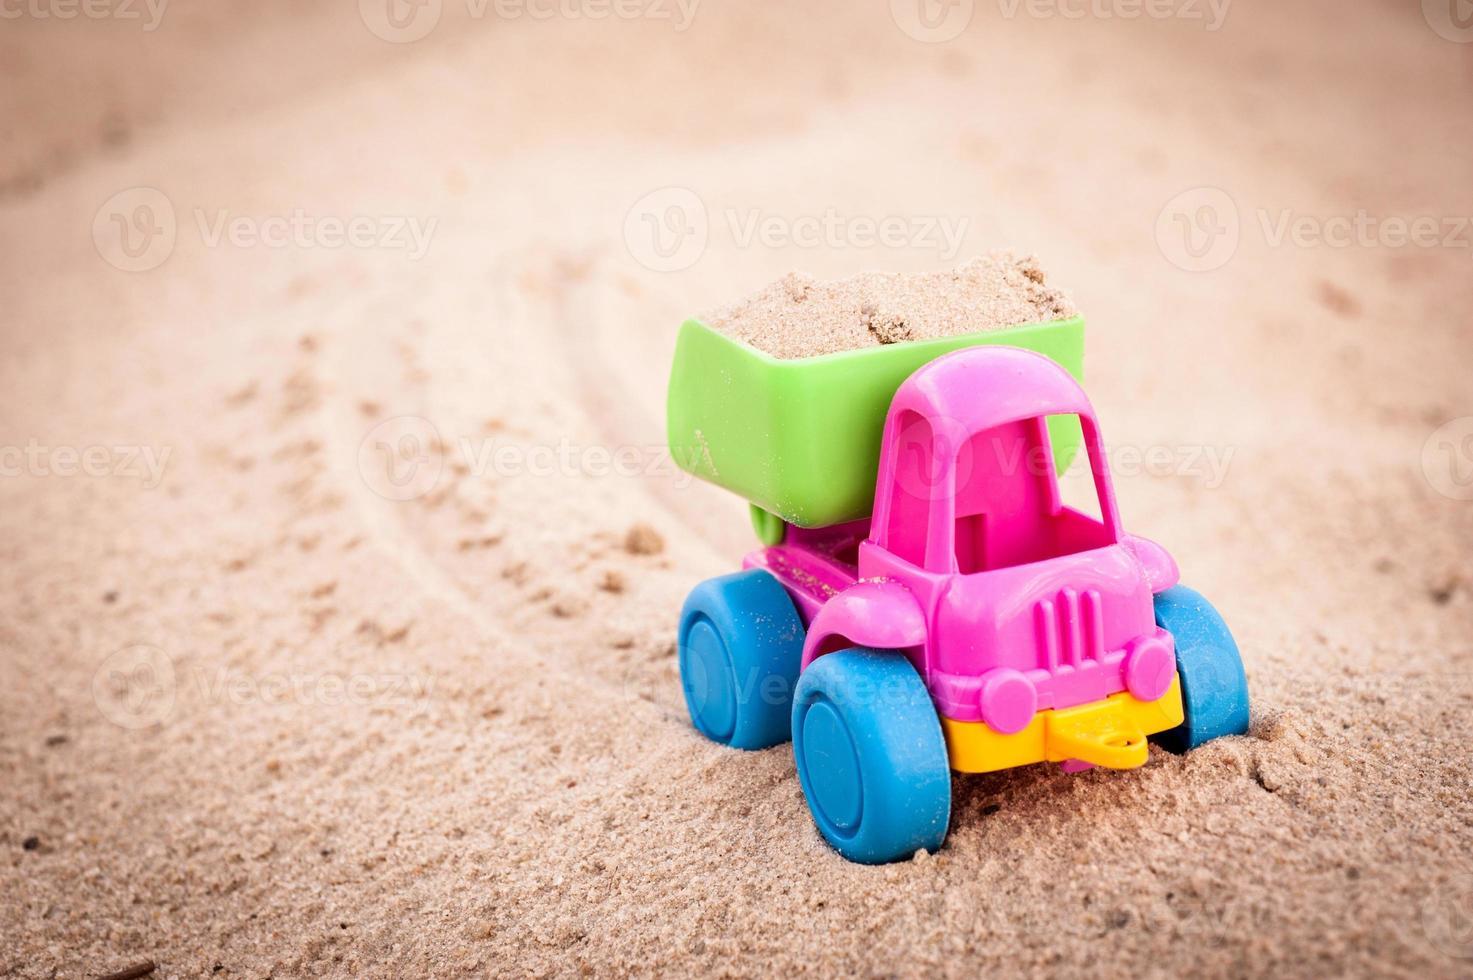 caminhão indo para a frente nas areias foto